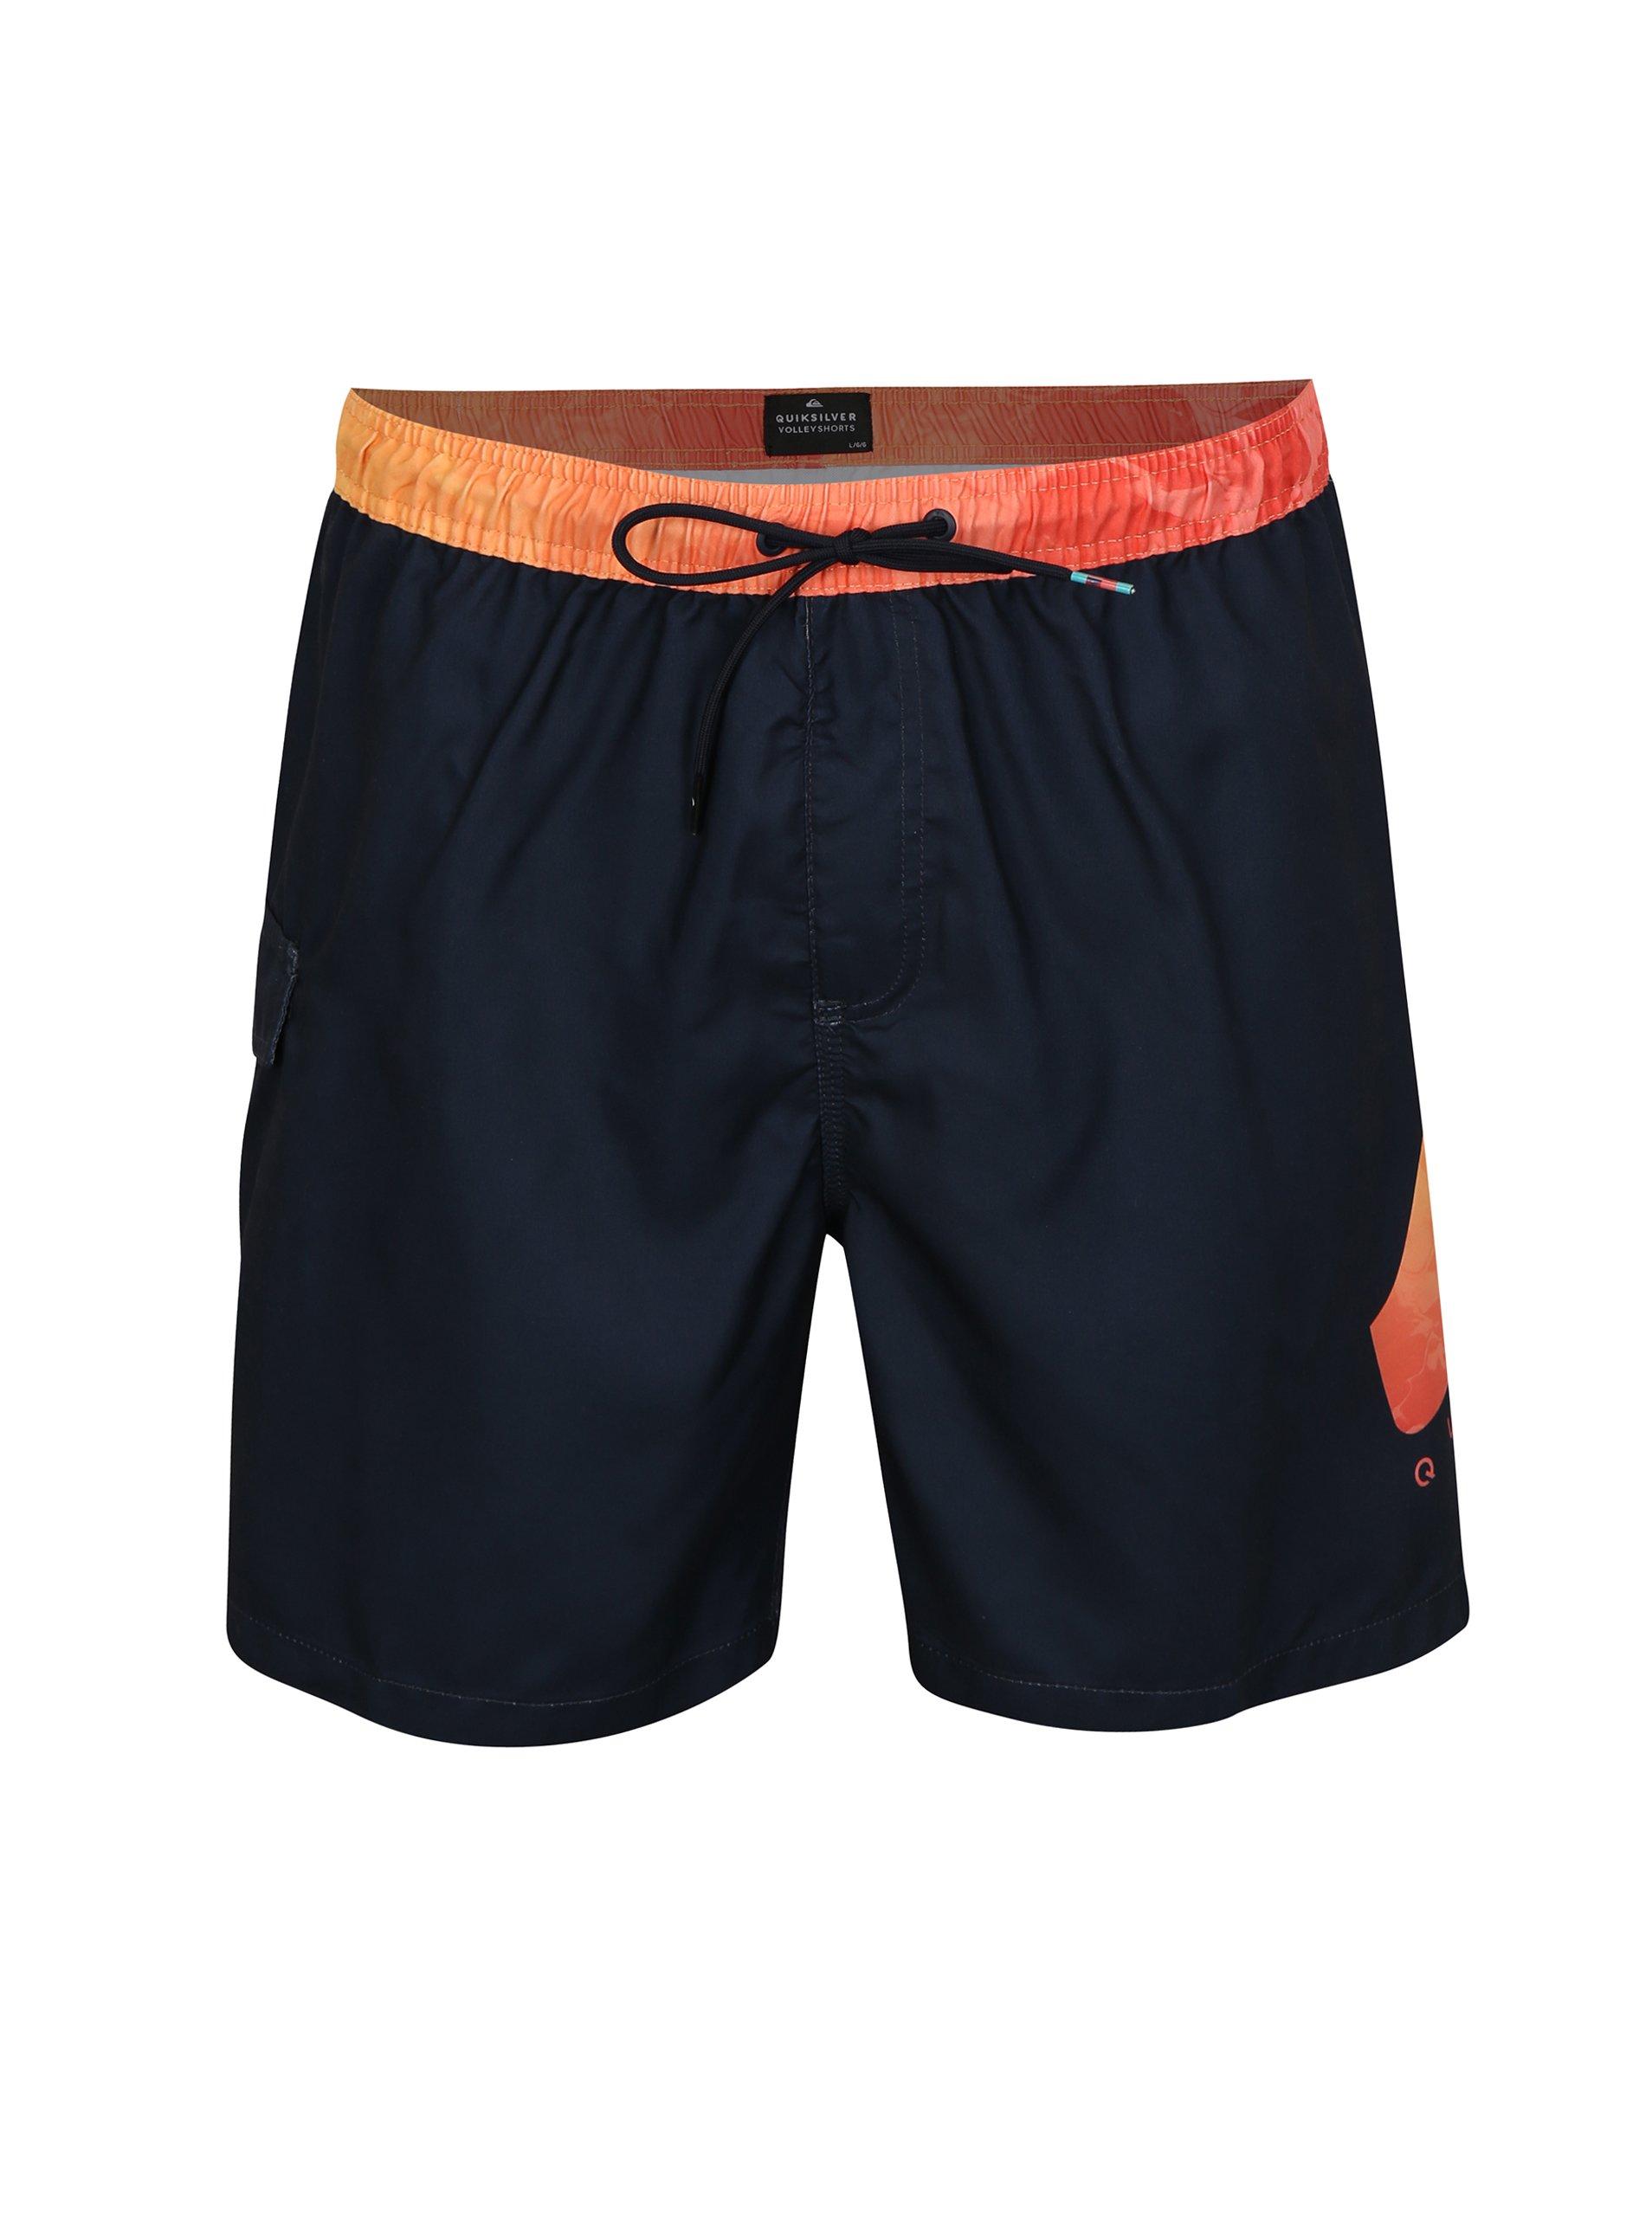 Oranžovo-modré pánske plavky s potlačou Quiksilver 3c9f3a9f58